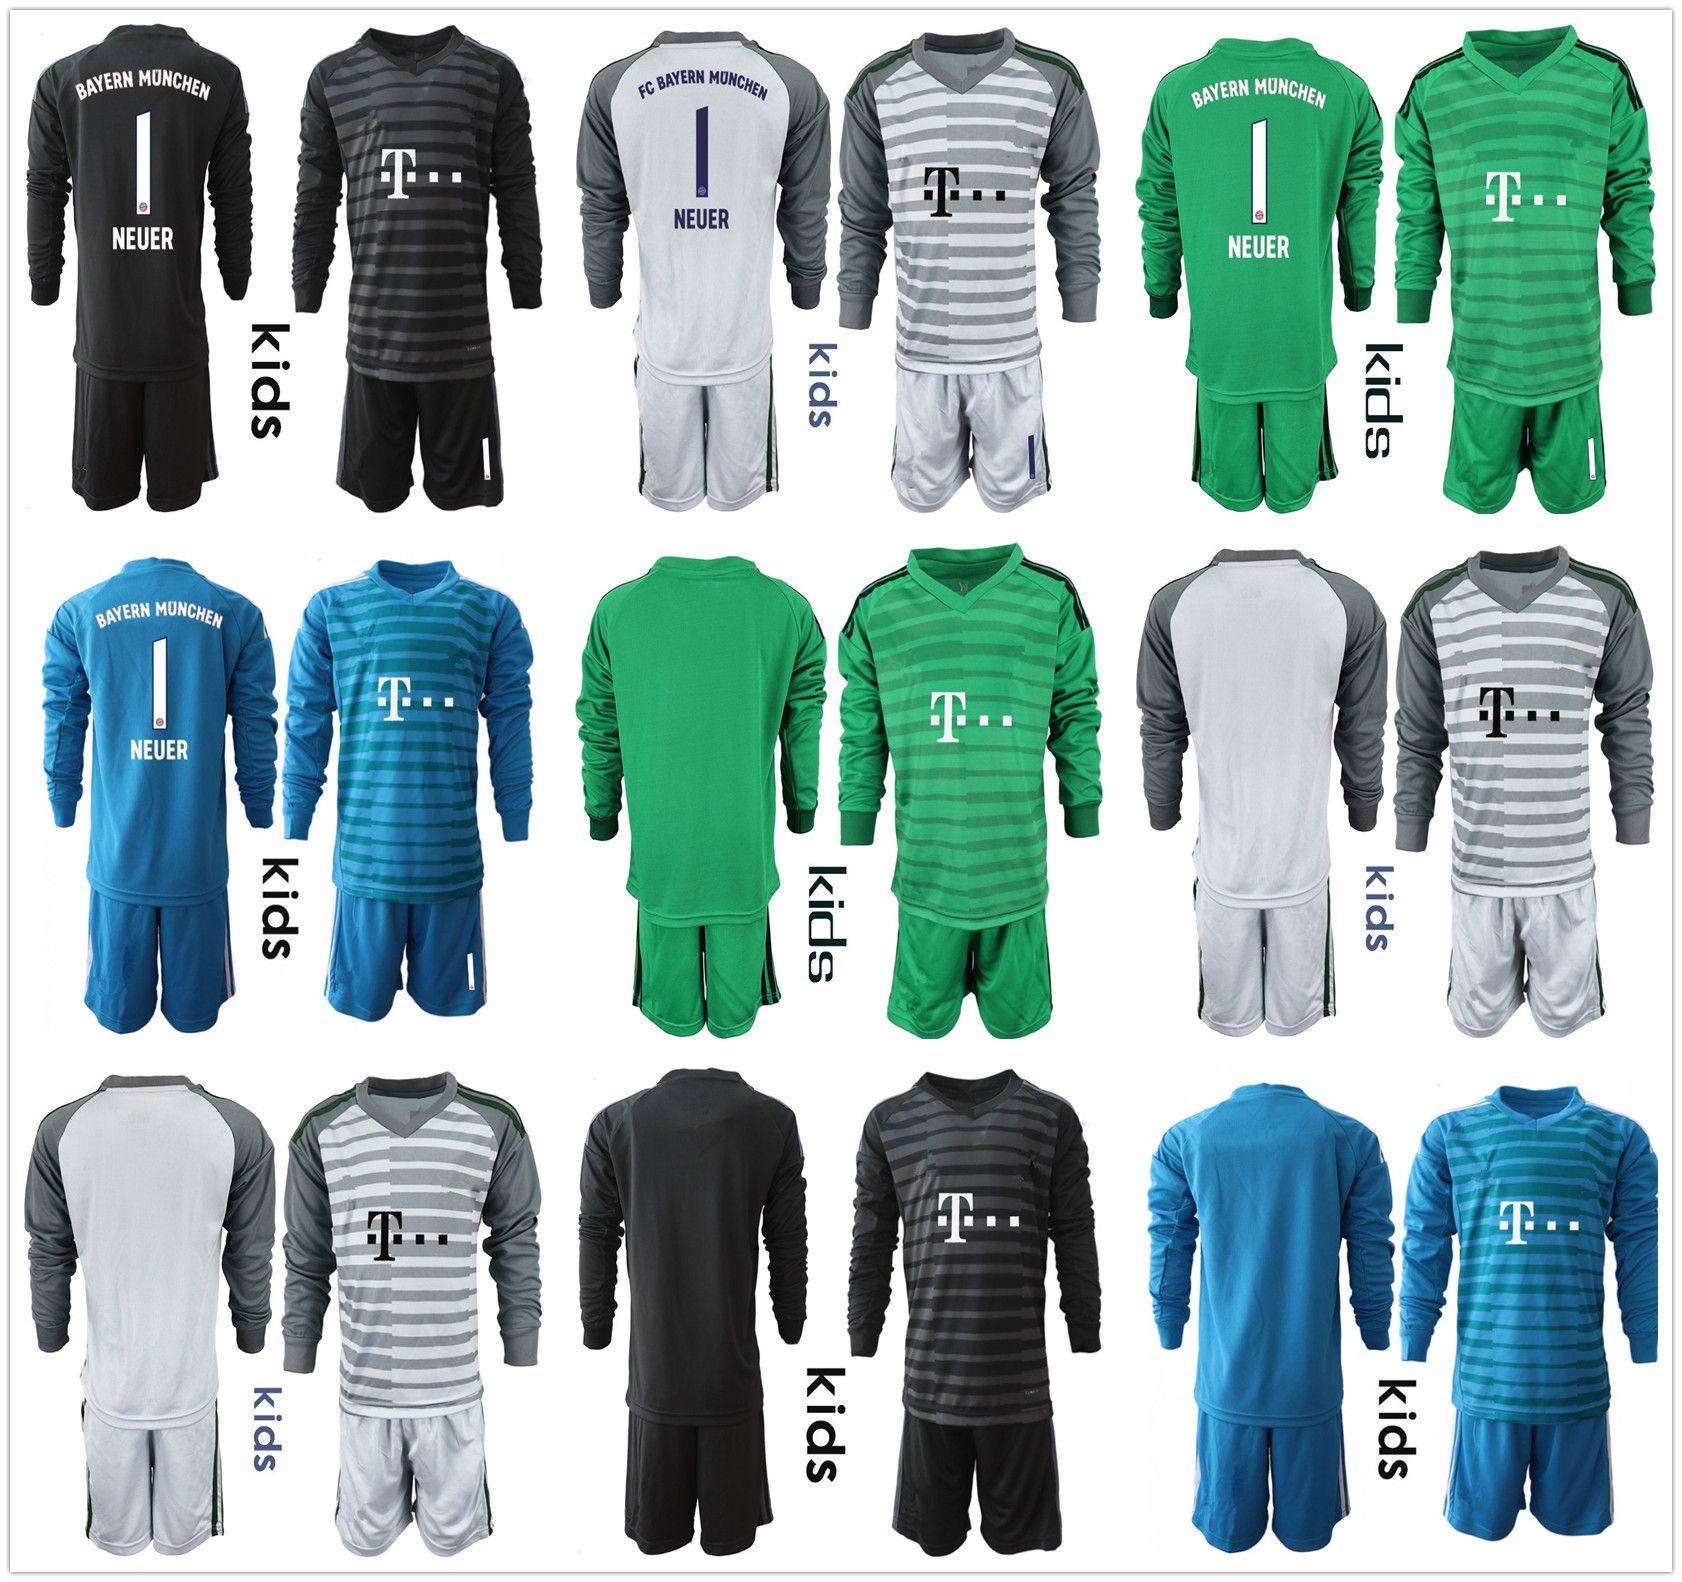 6b6faca99 2019 2018 19 Long Sleeve Kids Youth NEUER Goalkeeper Jersey Kid Kit Soccer  Sets  1 Manuel Neuer  26 Ulreich Boys Goalie Football Children Uniform From  ...